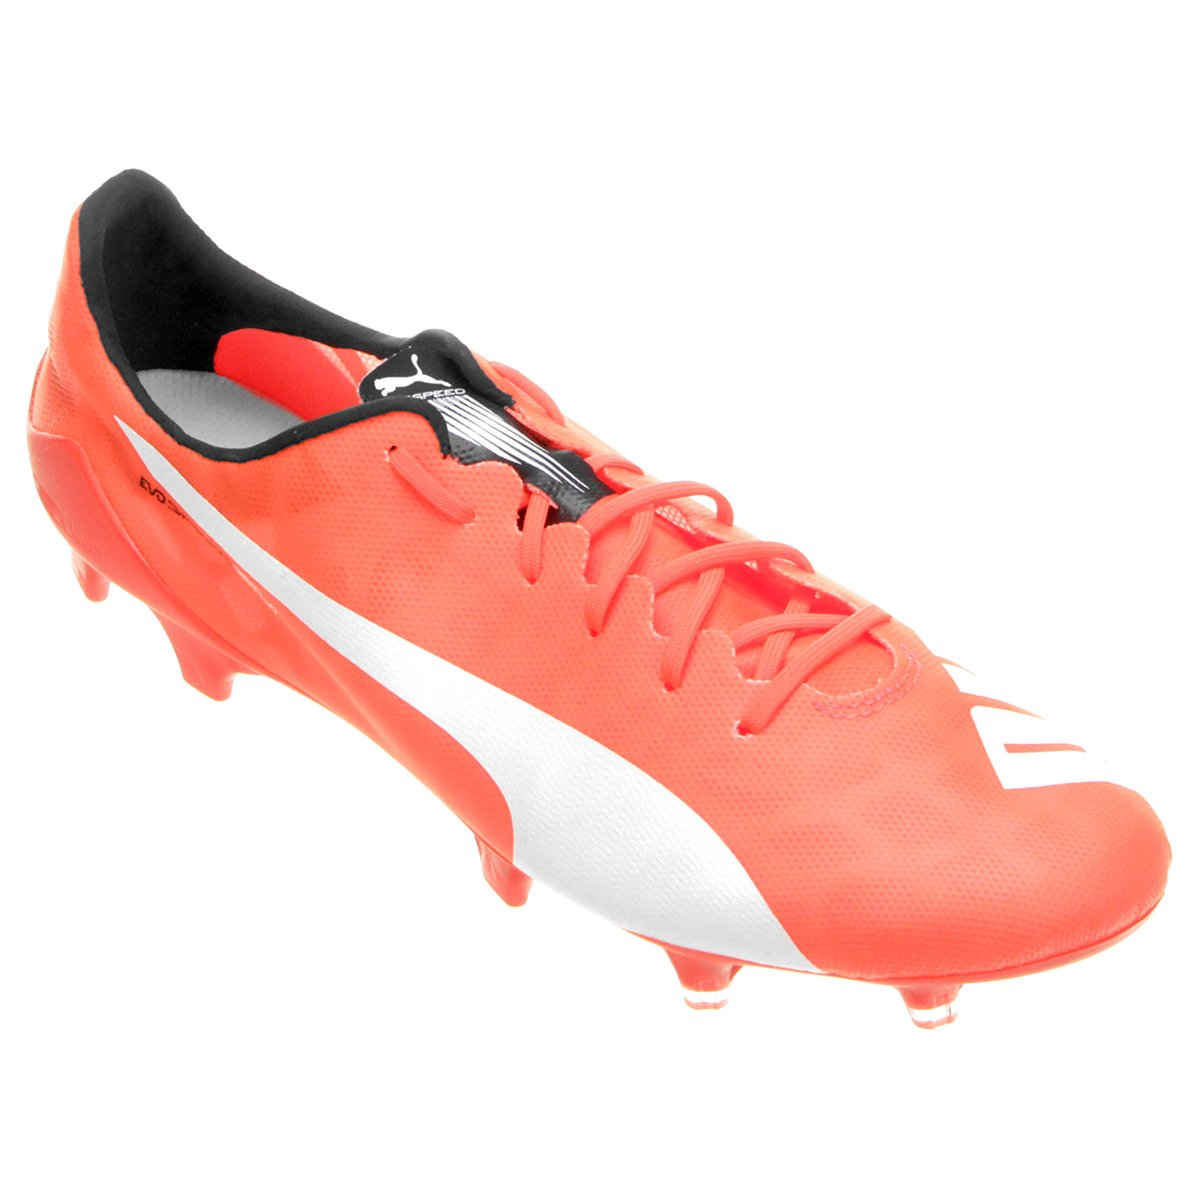 509103ce9d Chuteira Puma Evospeed SL FG Campo - Compre Agora